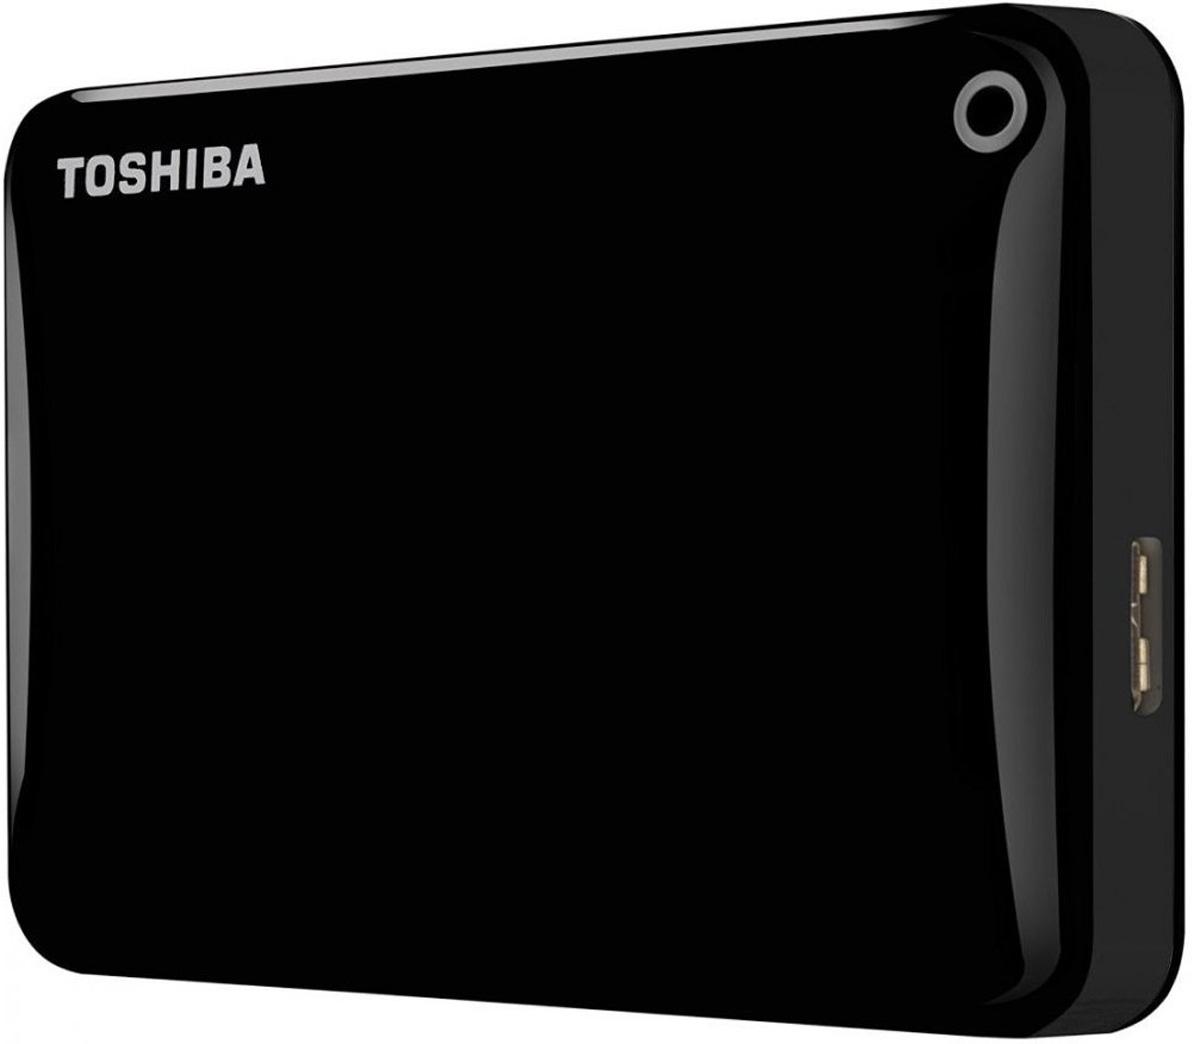 Toshiba Canvio Connect II 3TB, Black внешний жесткий диск (HDTC830EK3CA)HDTC830EK3CAToshiba Canvio Connect II дает вам возможность быстро передавать файлы с интерфейсом USB 3.0 и хранить до 3 ТБ данных на внешнем жестком диске. Устройство полностью готово для работы с Microsoft Windows и не требуетустановки программного обеспечения, так что ничего не может быть удобнее для хранения всех ваших любимых файлов. В офисе или в дороге его классический дизайн будет всегда уместен. Более того, Toshiba Canvio Connect II позволяет подключаться также и к оборудованию с совместимостью USB 2.0.Этот внешний накопитель обеспечивает доступ к вашим файлам практически из любого места и с любого устройства. Toshiba Canvio Connect II может легко превратить ваш компьютер в облачный сервер благодаря предустановленному ПО для удаленного доступа (накопитель должен быть подключен к компьютеру и Wi-Fi). Помимо удаленного доступа это устройство предоставляет своему владельцу 10 ГБ дополнительного места в облачном сервисе. Программное обеспечение NTI Backup Now EZ обеспечивает удобное и надежное созданиерезервных копий и восстановление всех ваших папок, файлов и операционной системы.Canvio Connect II оборудован датчиком ударов, сигнал которого переводит головку жесткого диска в безопасное положение, за счет чего снижается риск повреждения носителя и потери данных при падении накопителя. Накопитель имеет уже установленный драйвер NTFS для Mac, поэтому вам не придется волноваться из-за типа вашего компьютера - просто подключите Canvio Connect II и получите доступ к вашим файлам.